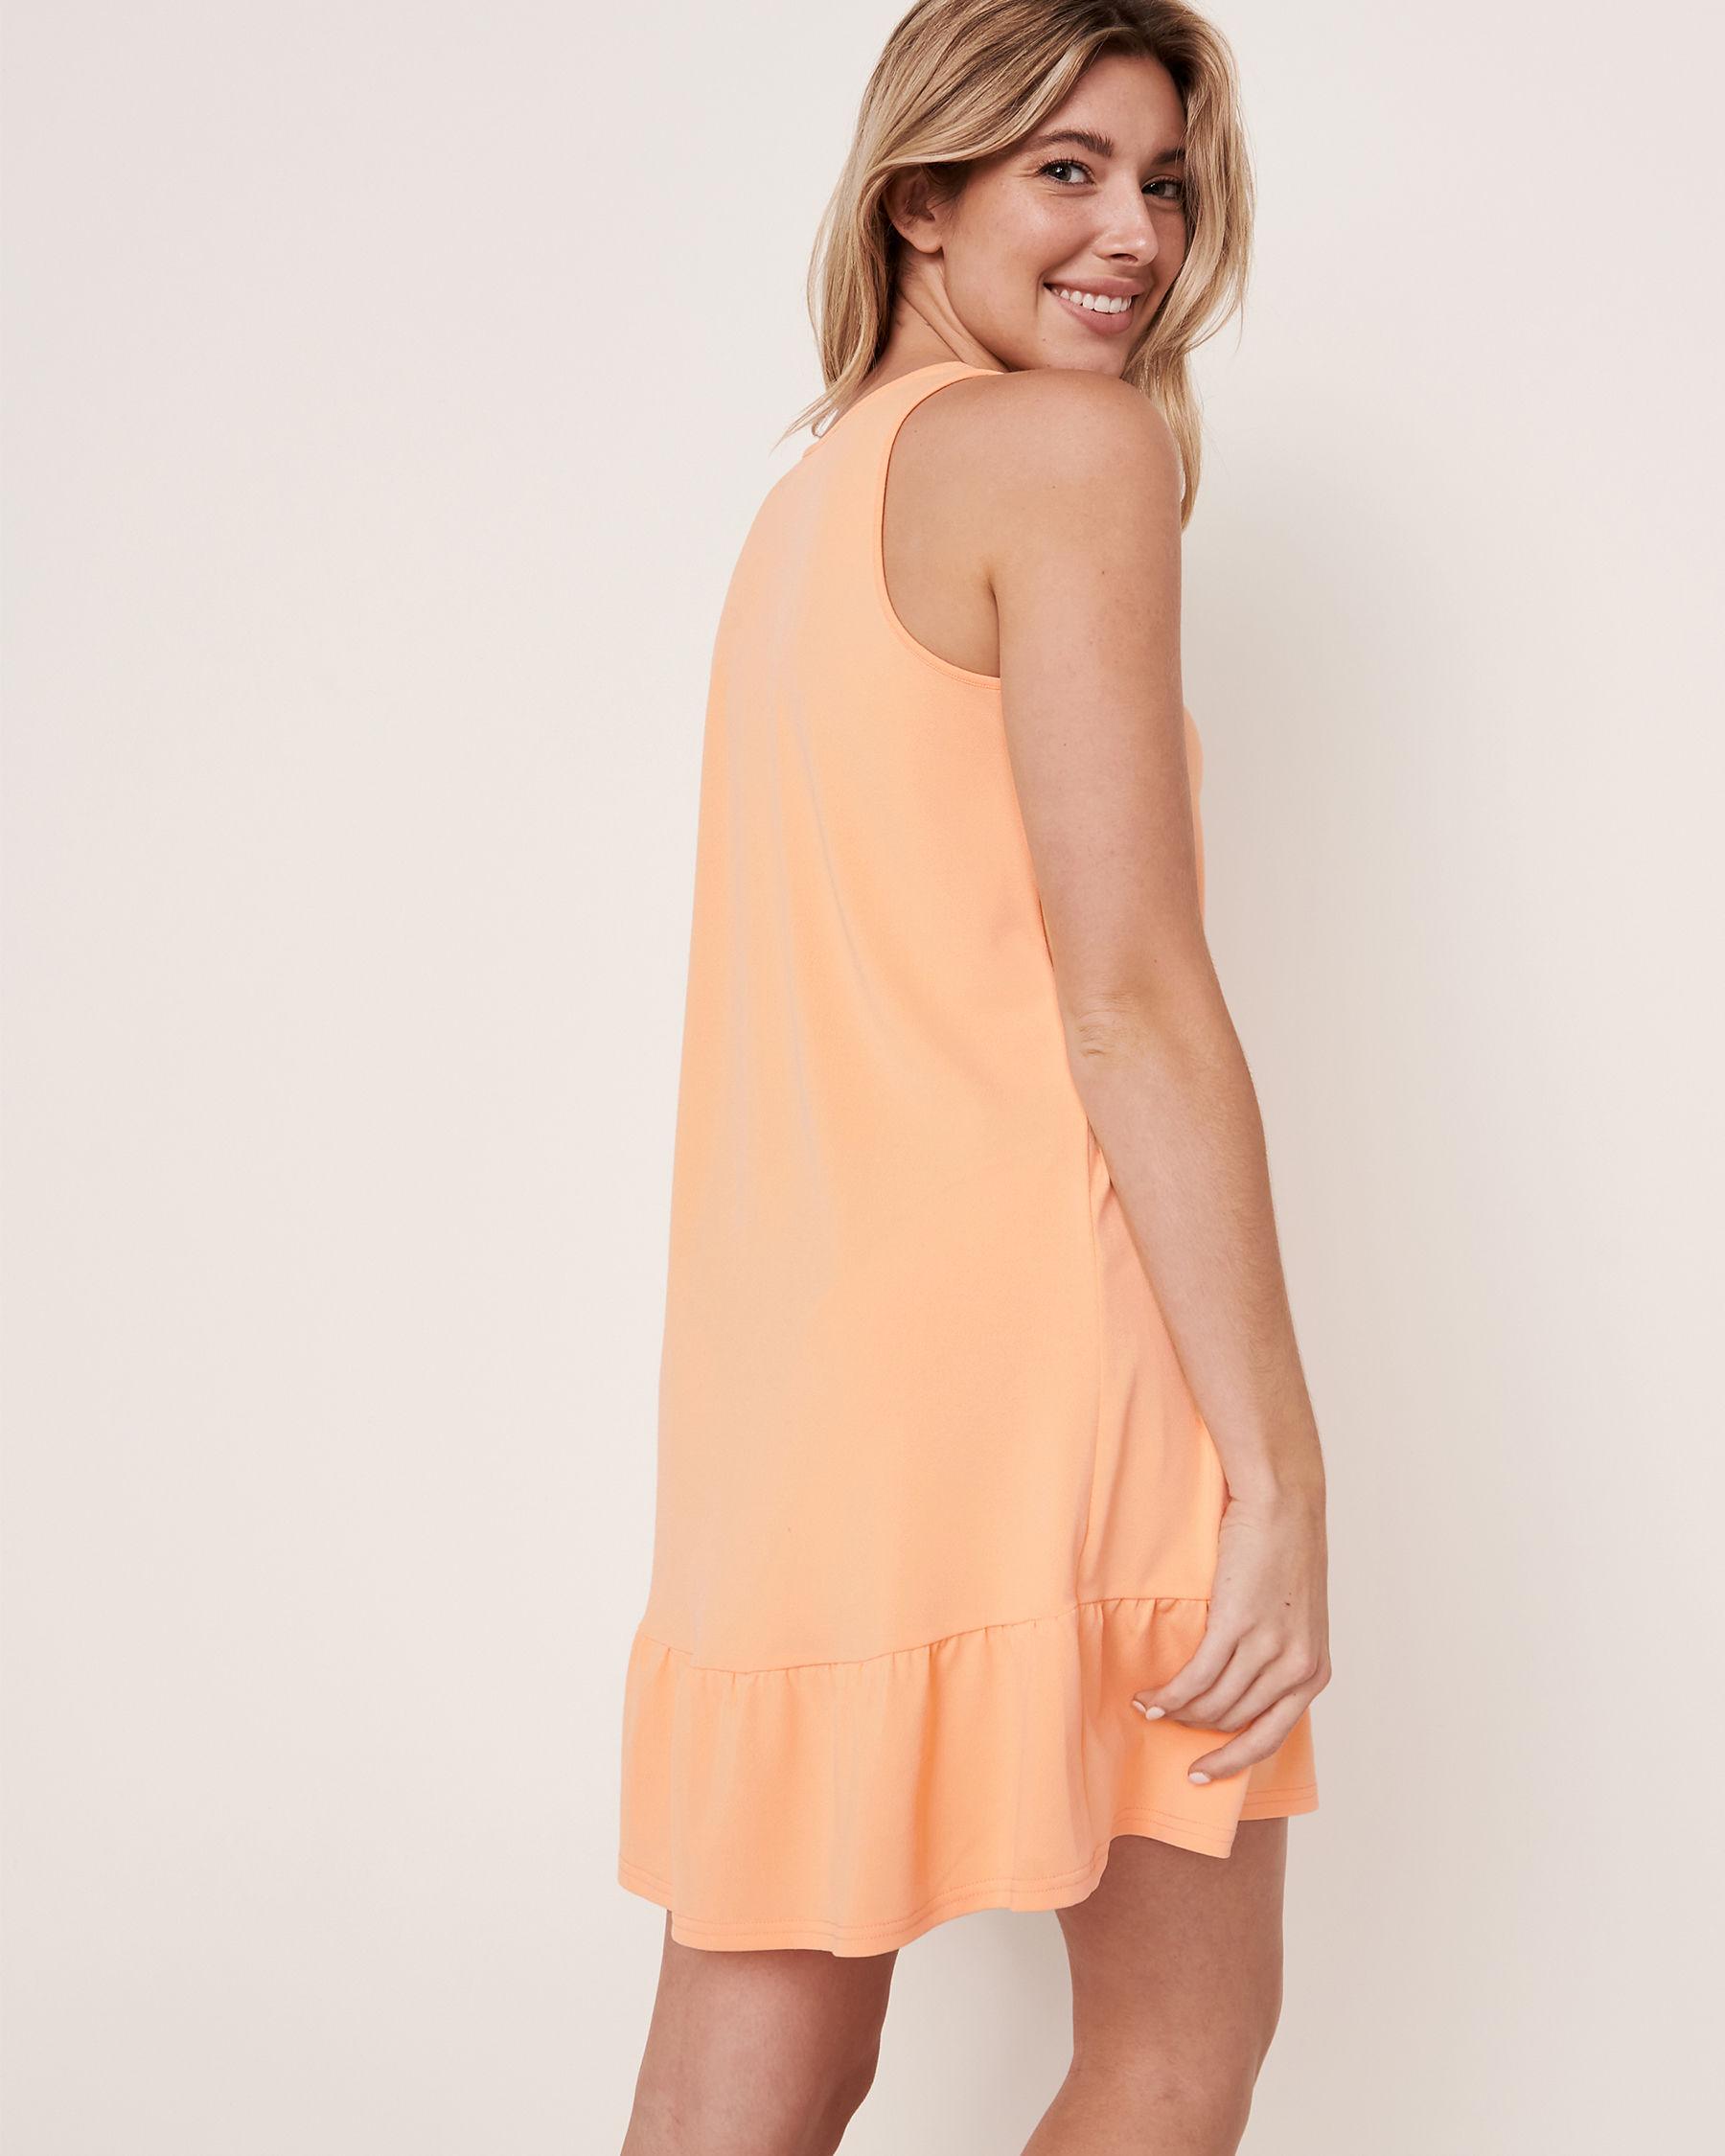 LA VIE EN ROSE AQUA Sleeveless Ruffle Dress Cantaloup 80300019 - View2